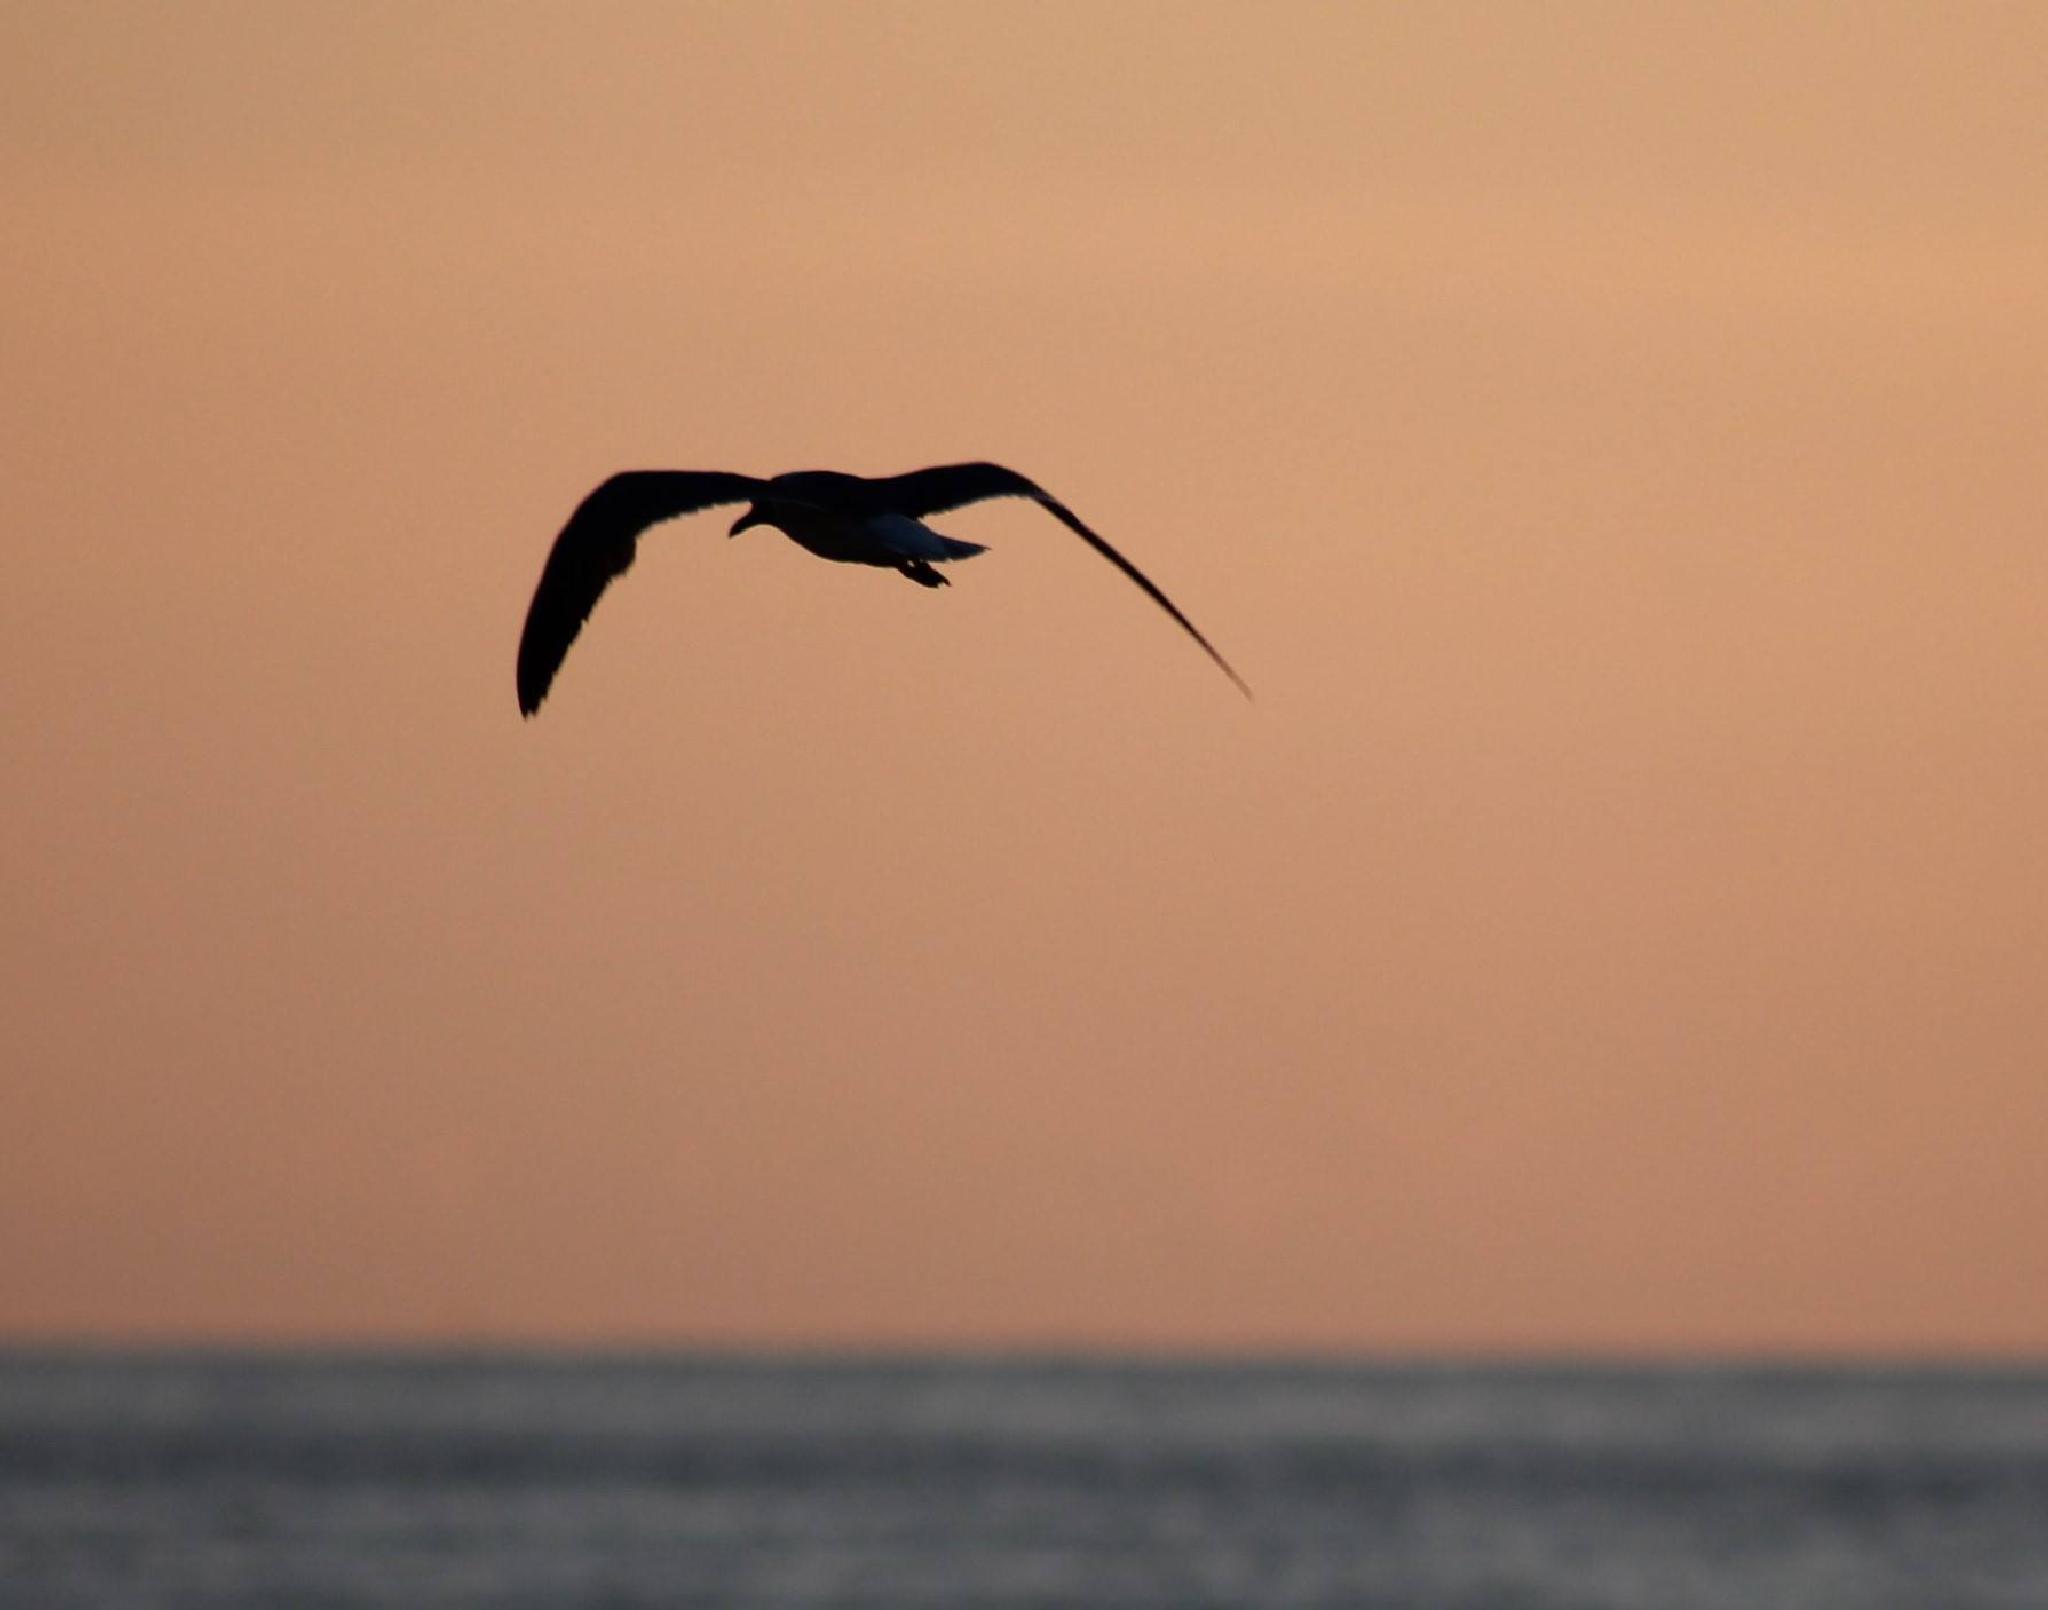 in flight by caroline.digloria